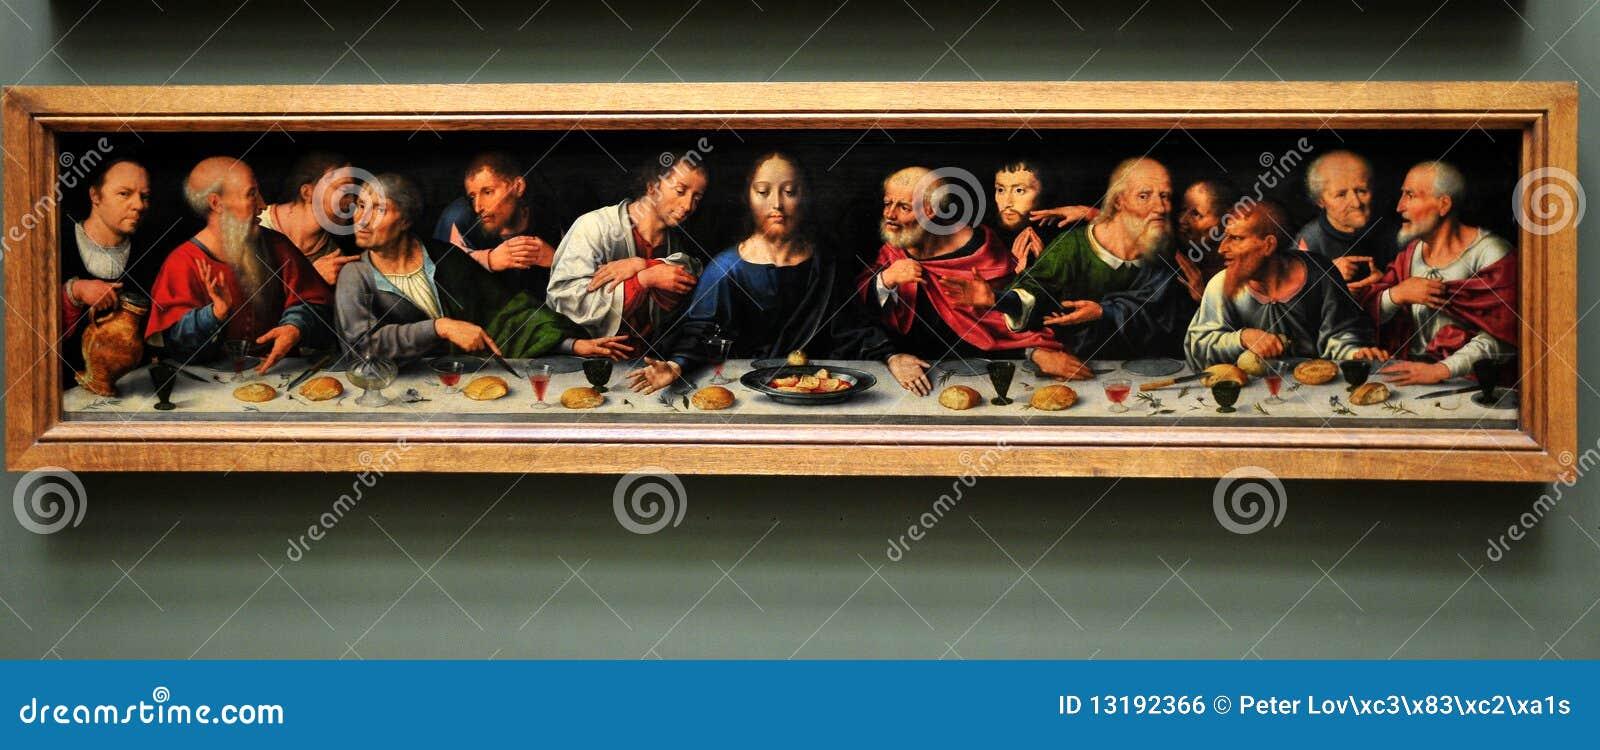 Museo della feritoia - Joos van Cleve -